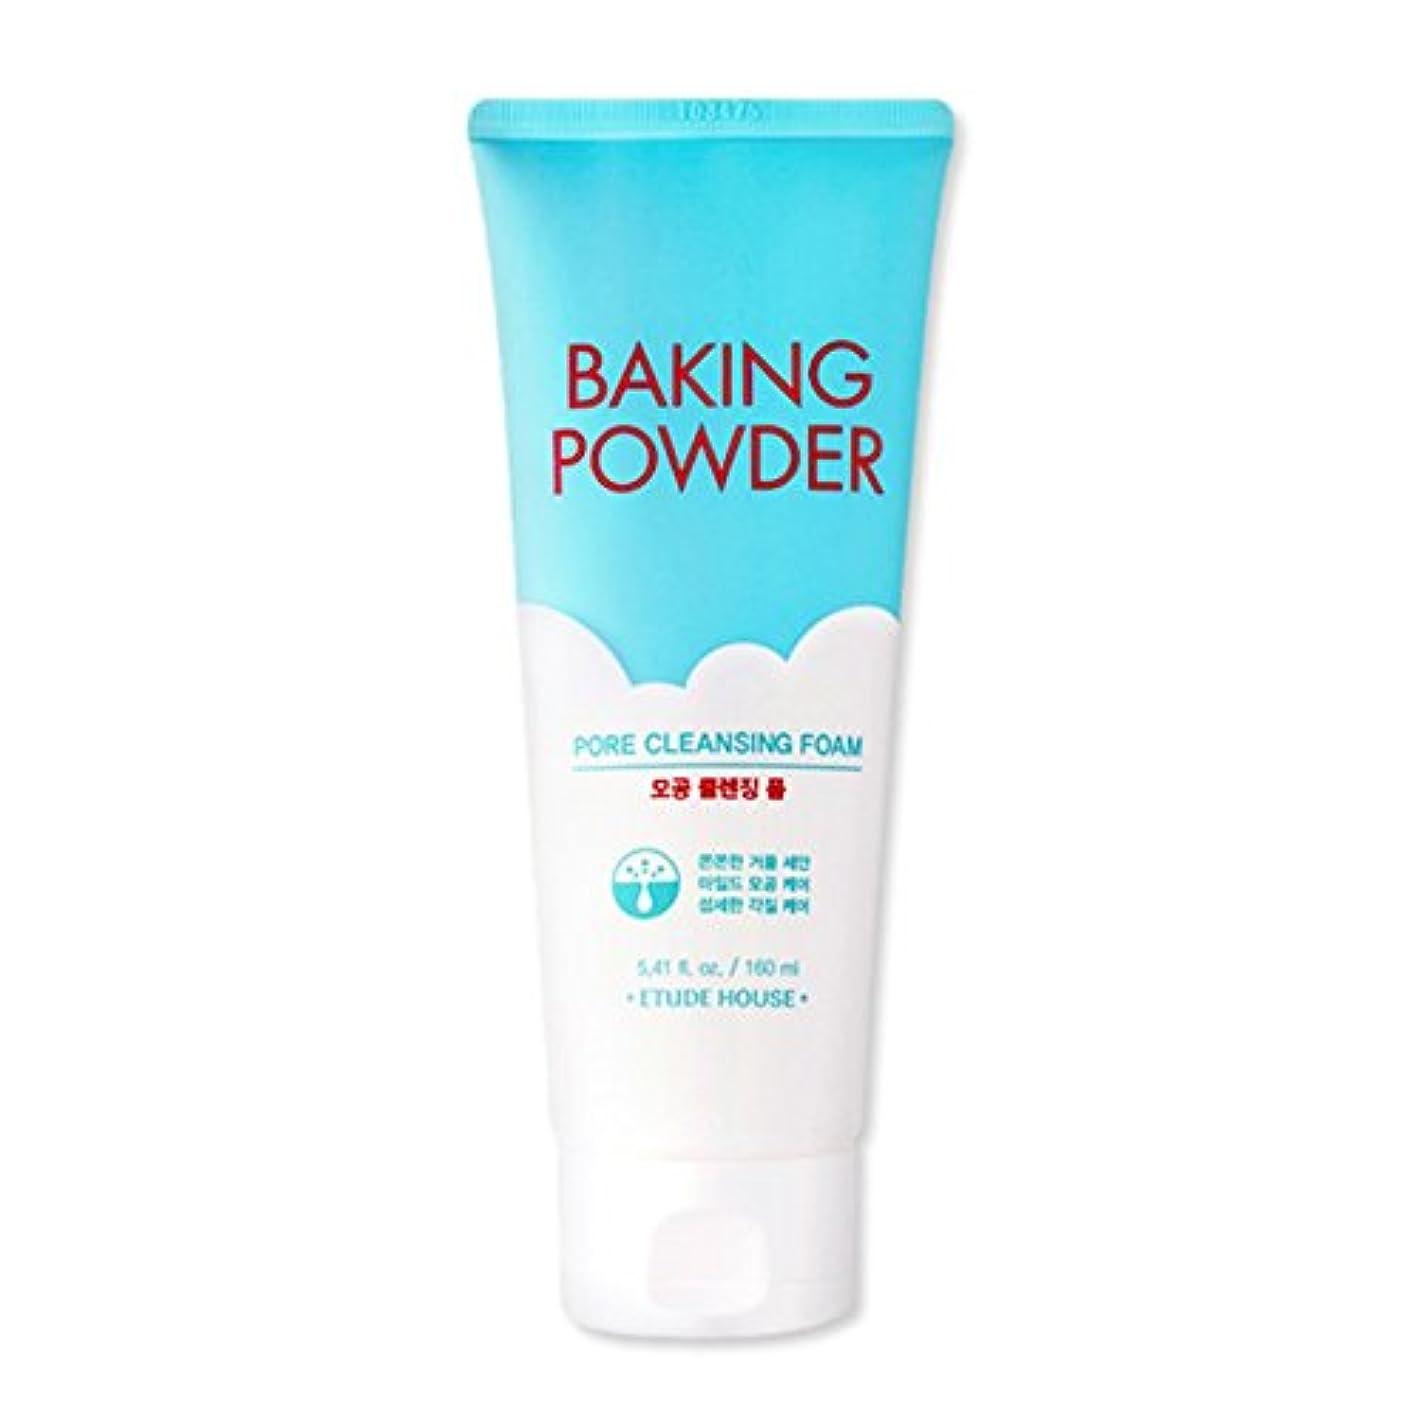 ゴシップハブ引き出す[2016 Upgrade!] ETUDE HOUSE Baking Powder Pore Cleansing Foam 160ml/エチュードハウス ベーキング パウダー ポア クレンジング フォーム 160ml [...